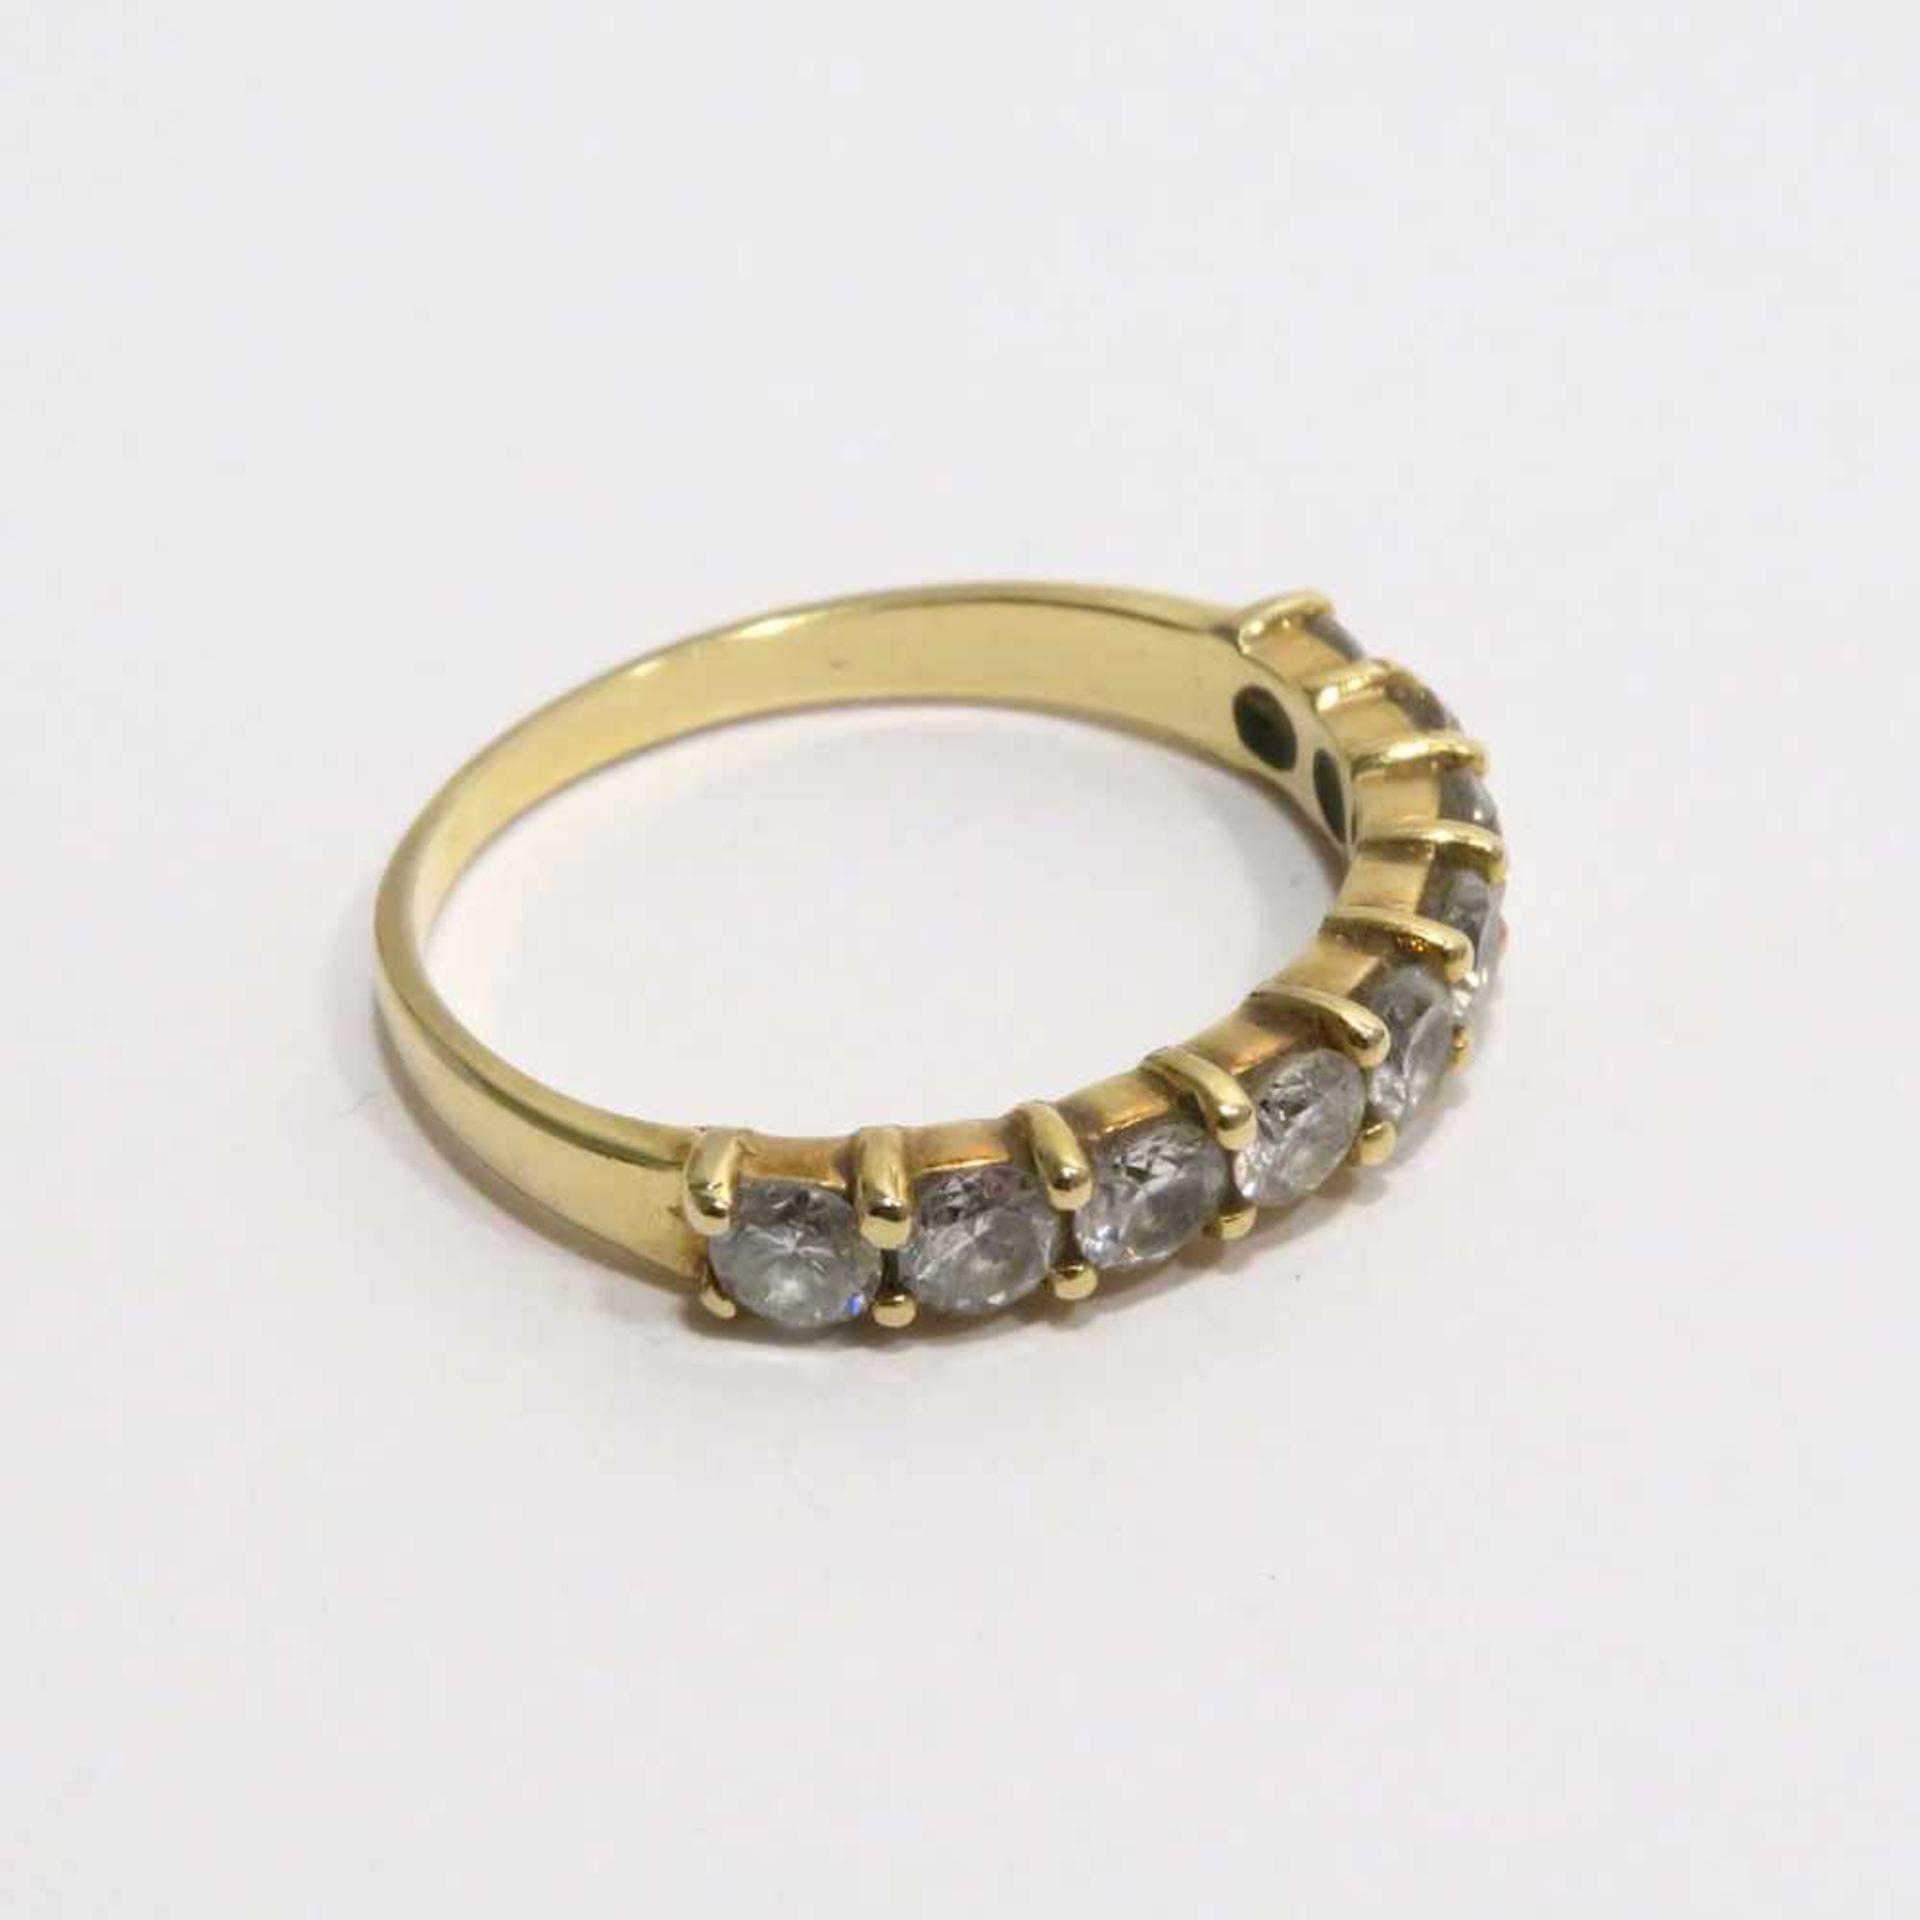 Los 60 - Ring18 K GG, (geprüft). Mit neun Brillanten besetzt, zus. ca. 0,9 ct, mittlere Qualität. Ringgröße